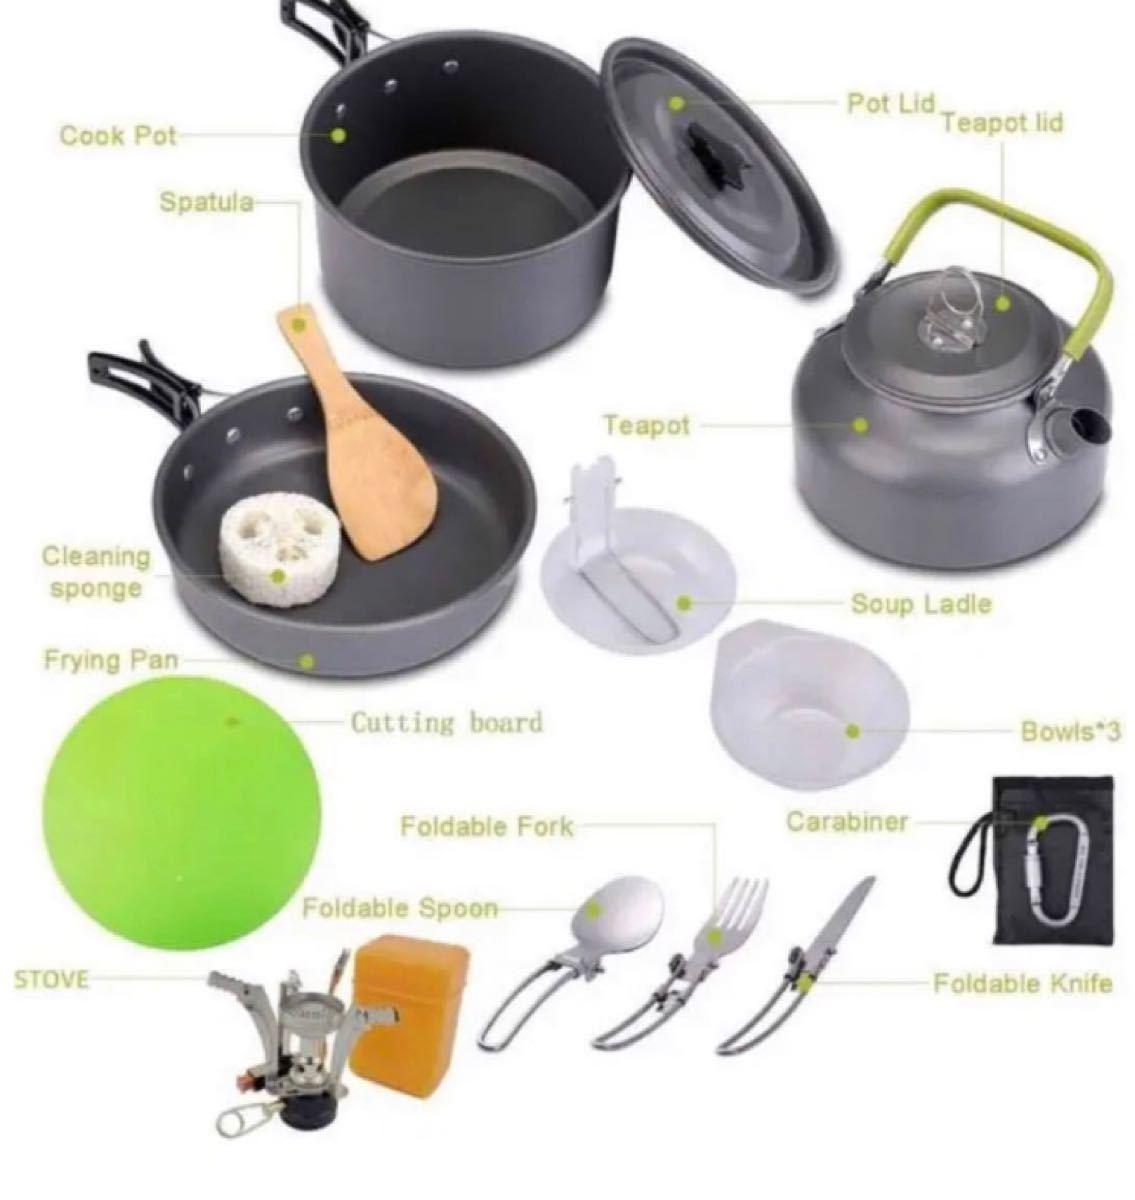 クッカーセット キャンプクッカー アウトドア鍋 収納袋付き 2-3人に適応